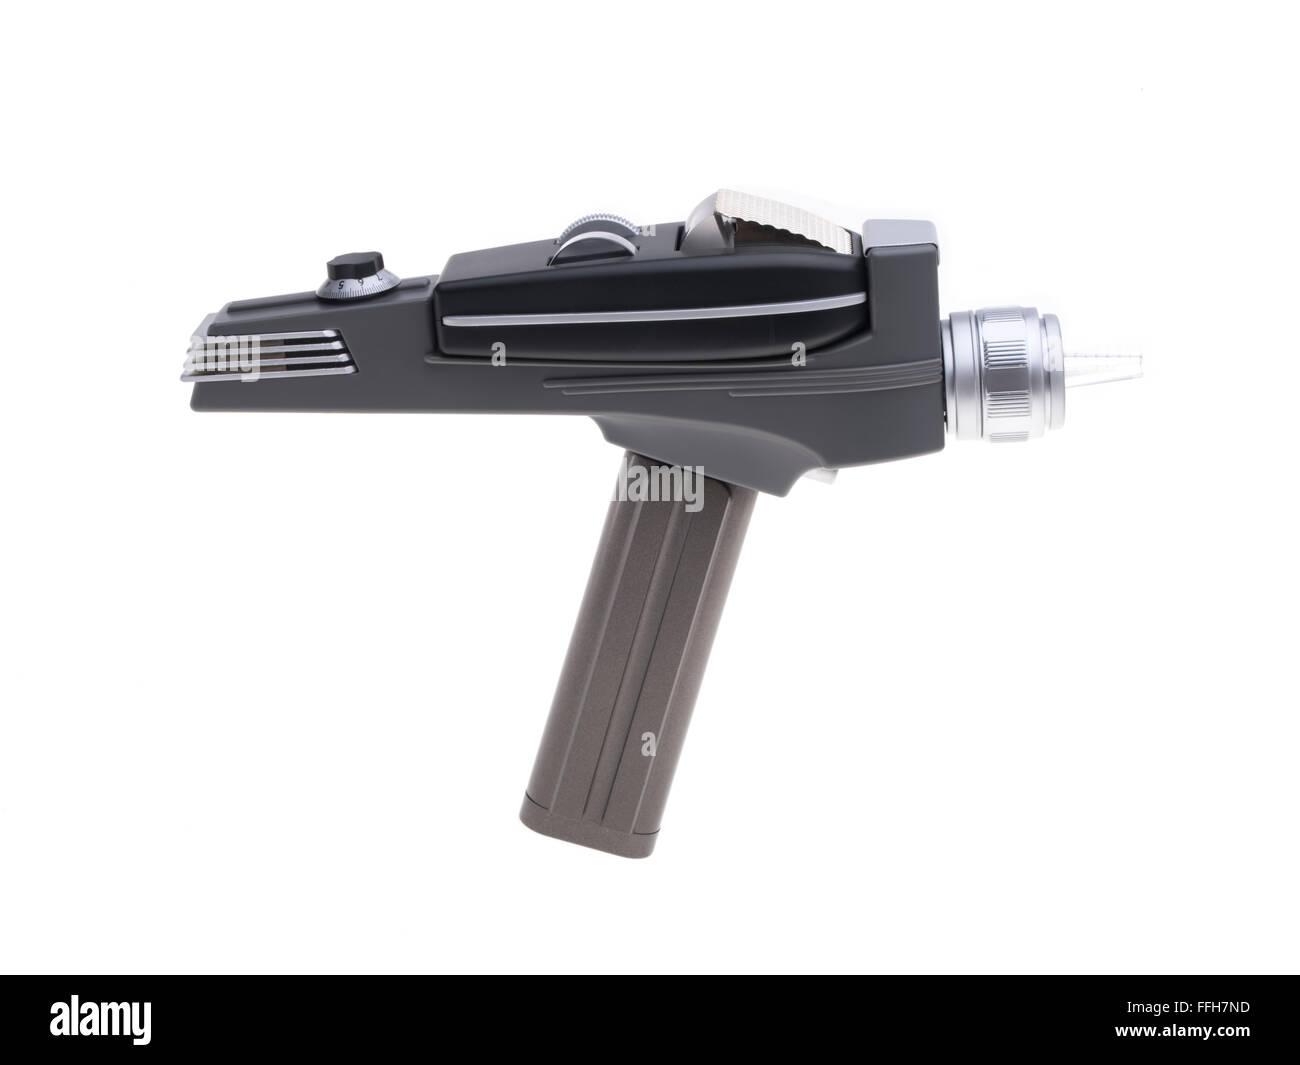 L'original de Star Trek phaser 1966 série télévisée arme capable de tuer ou d'étourdir Photo Stock